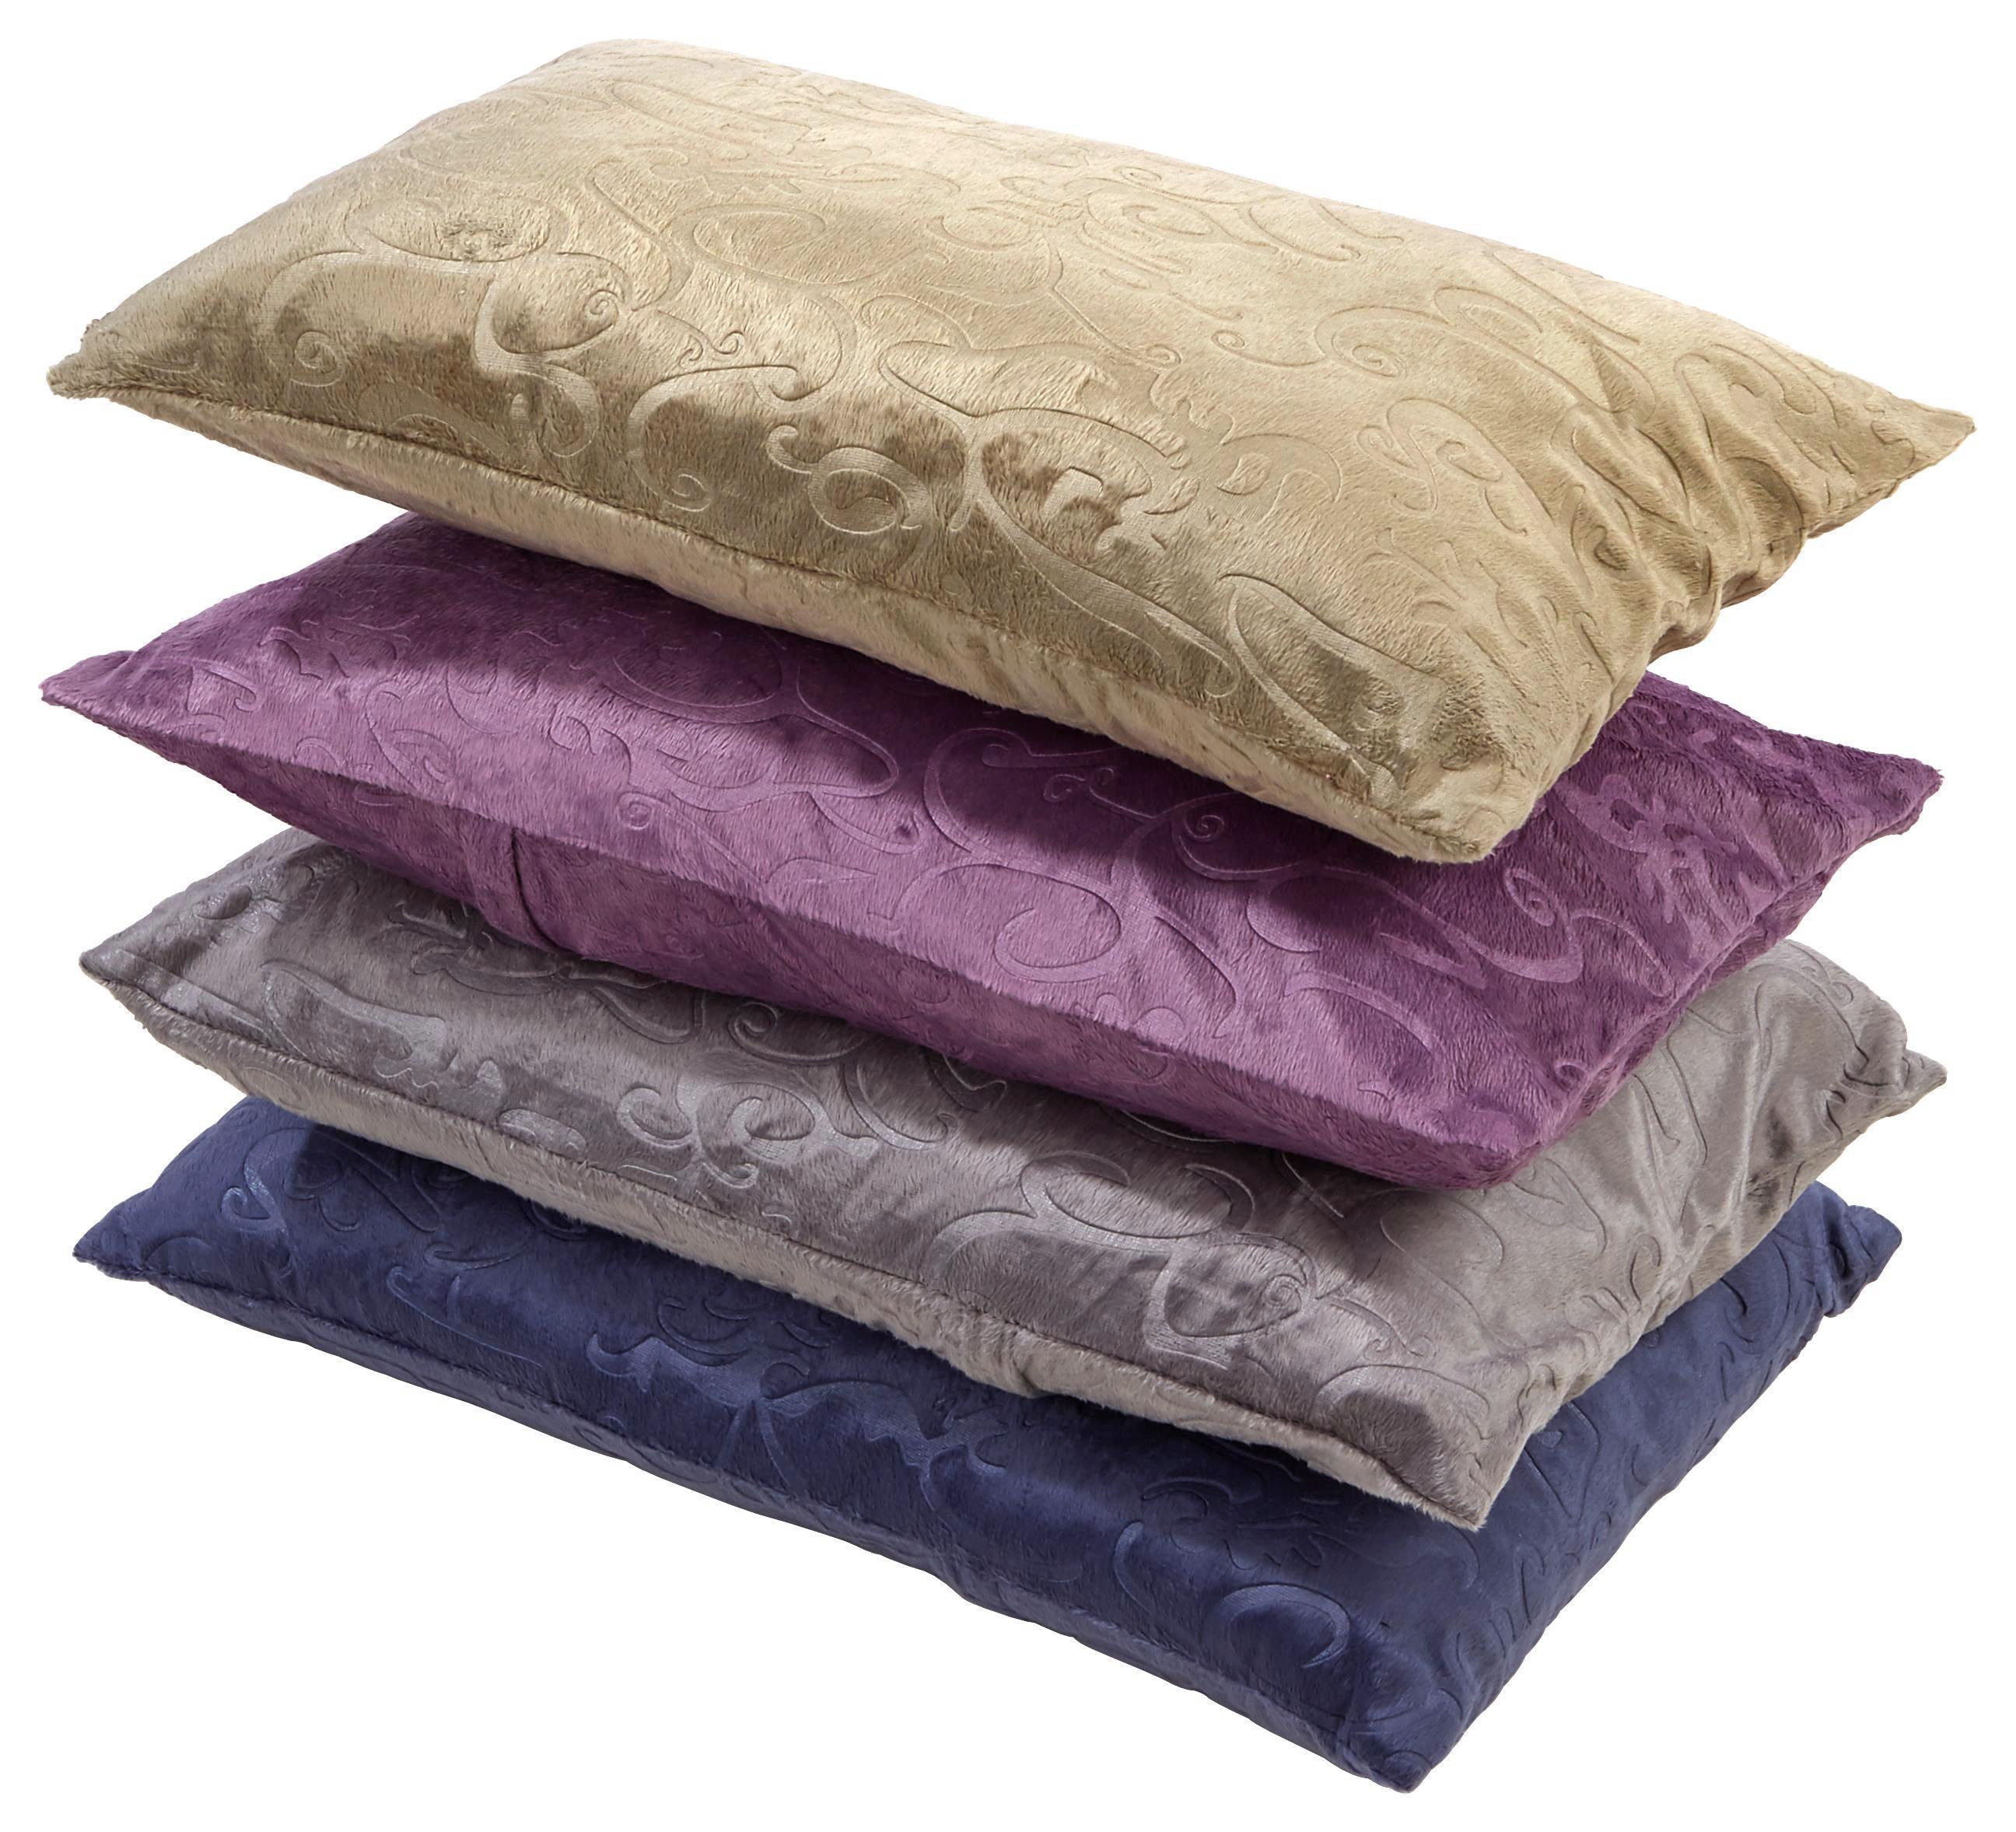 Díszpárna Venezia - homok színű/lila, konvencionális, textil (48/48cm) - OMBRA